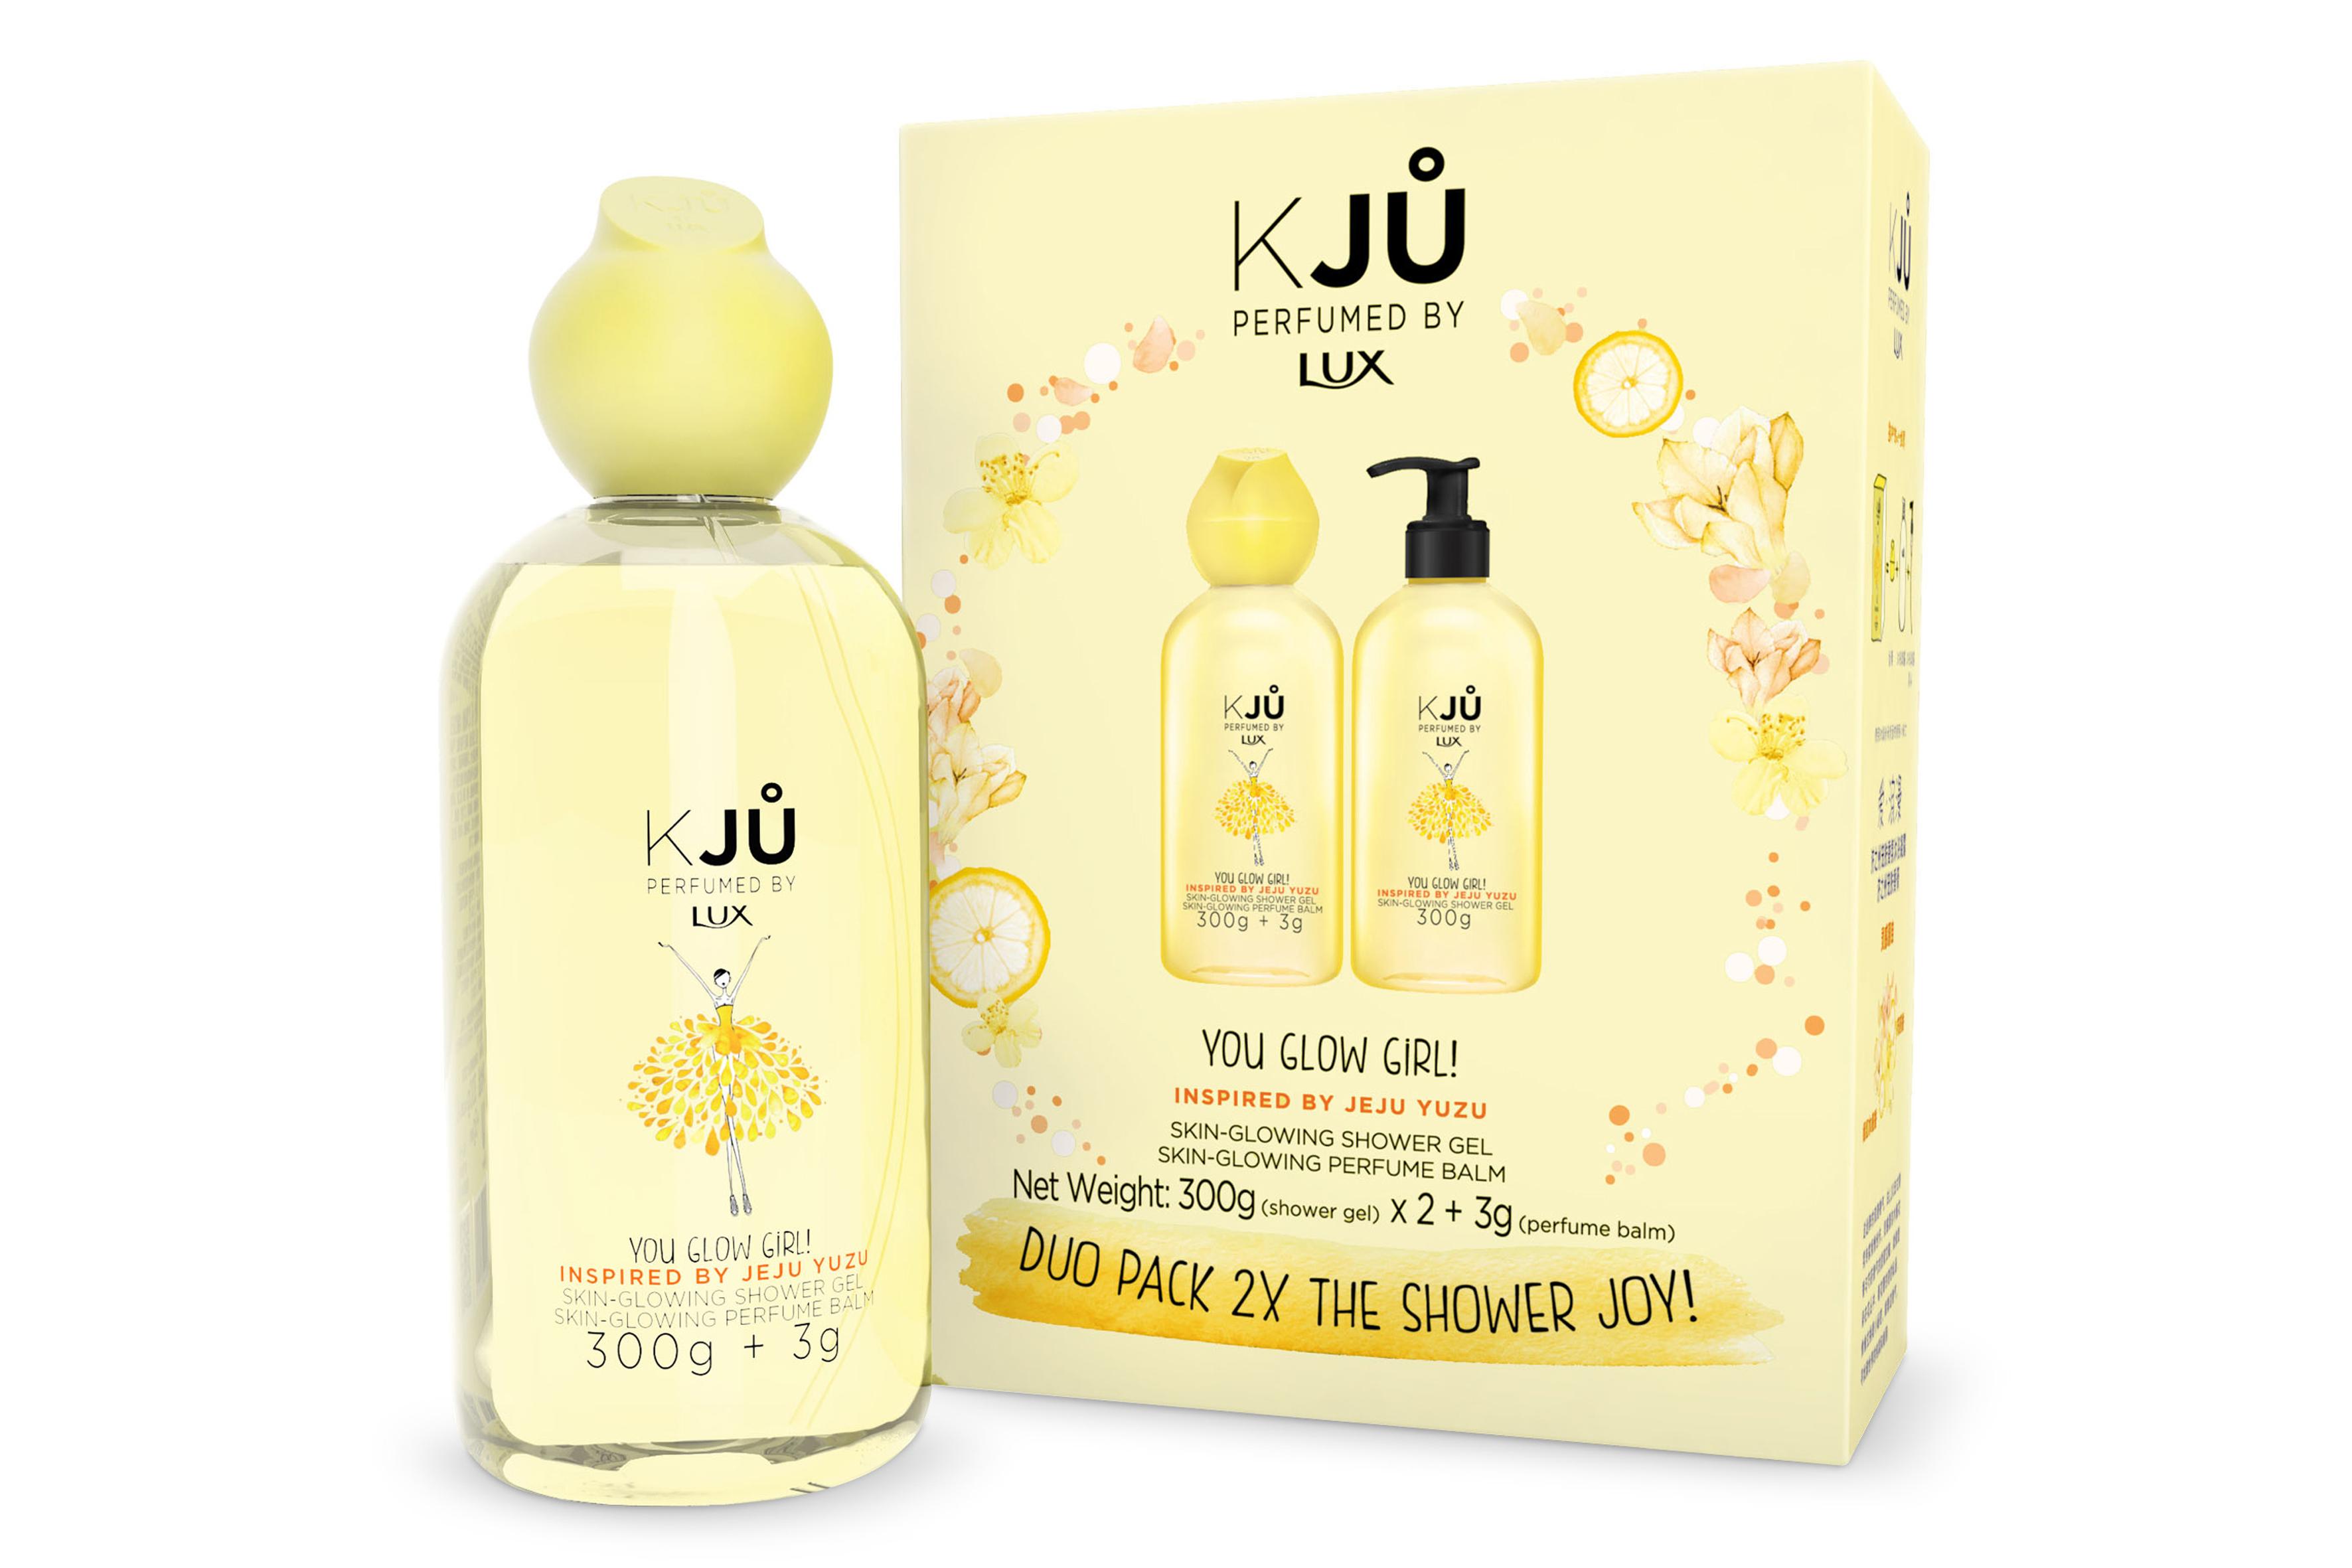 KJU by Lux image 02